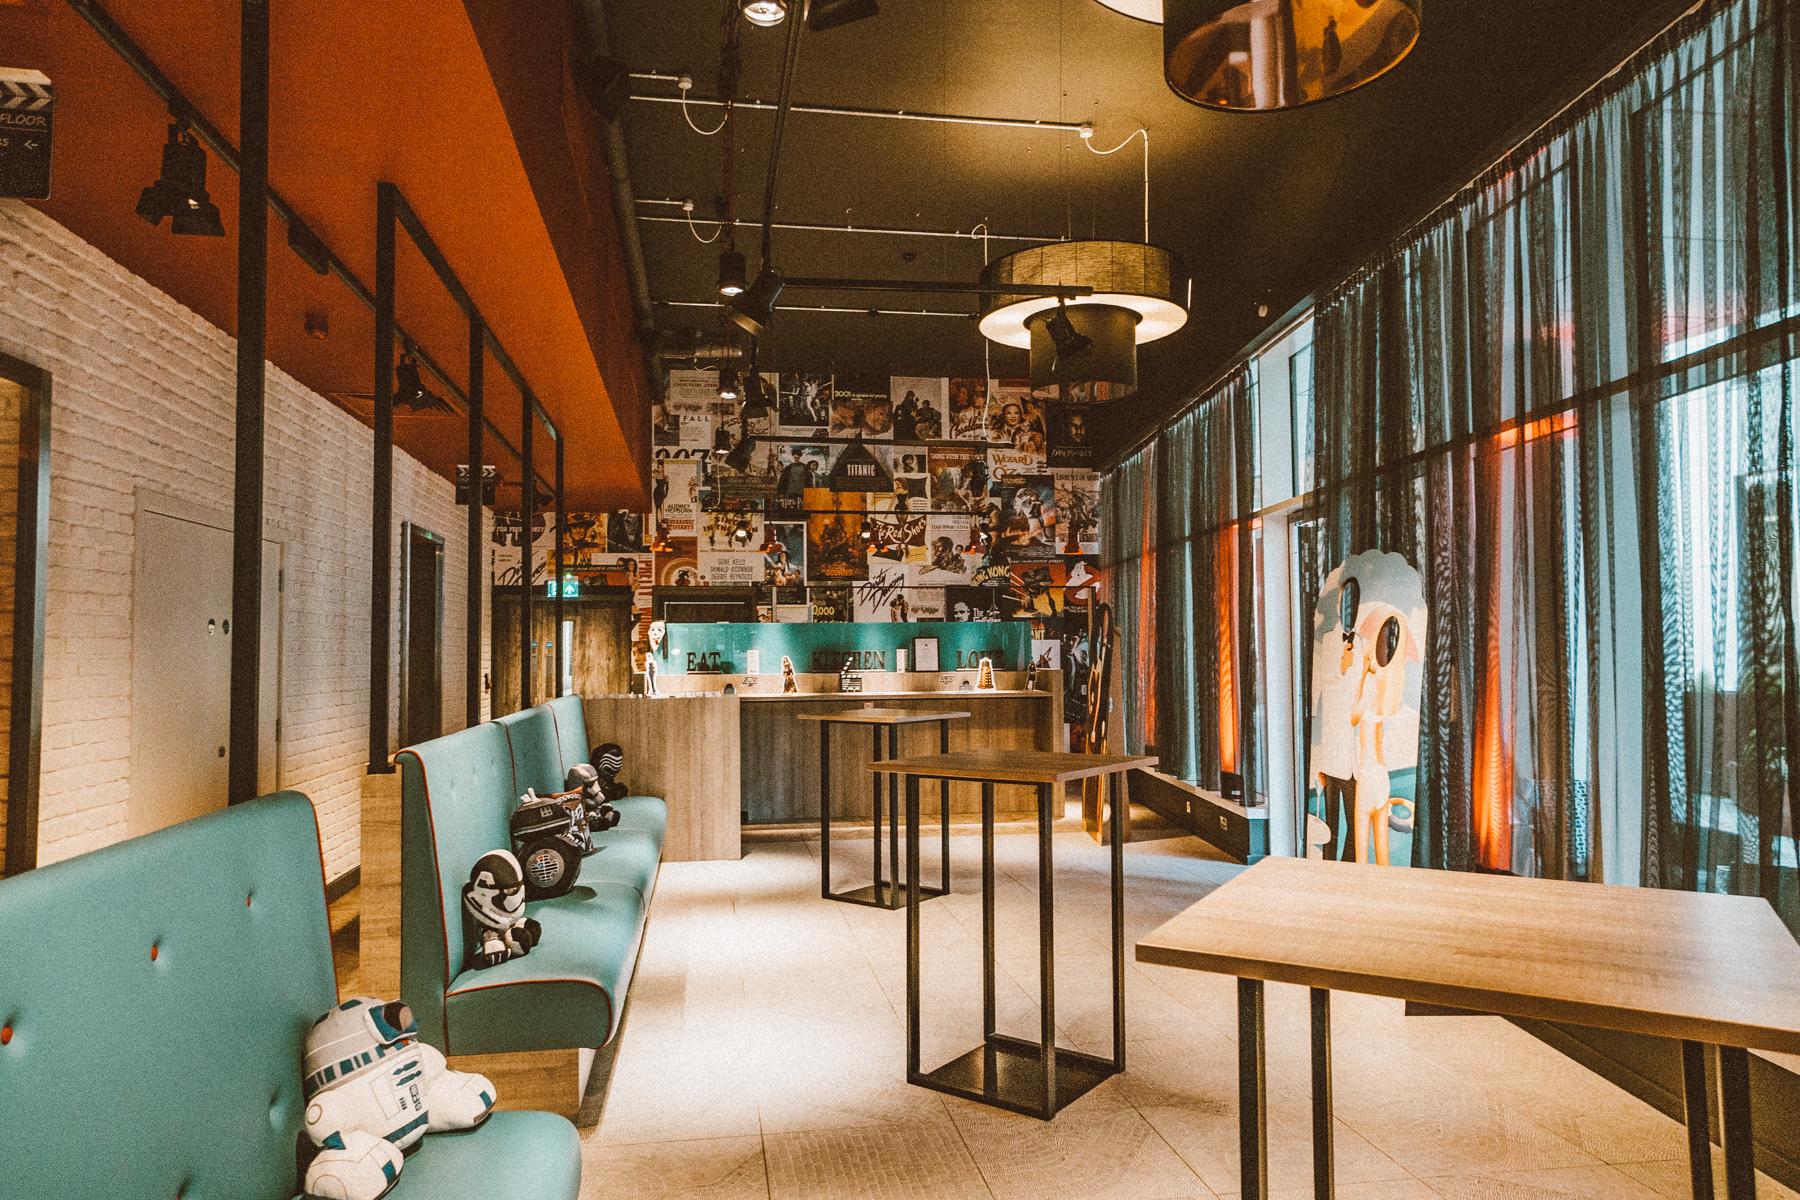 Ibis Styles Ealing Room & Lobby Review (12 of 14).jpg